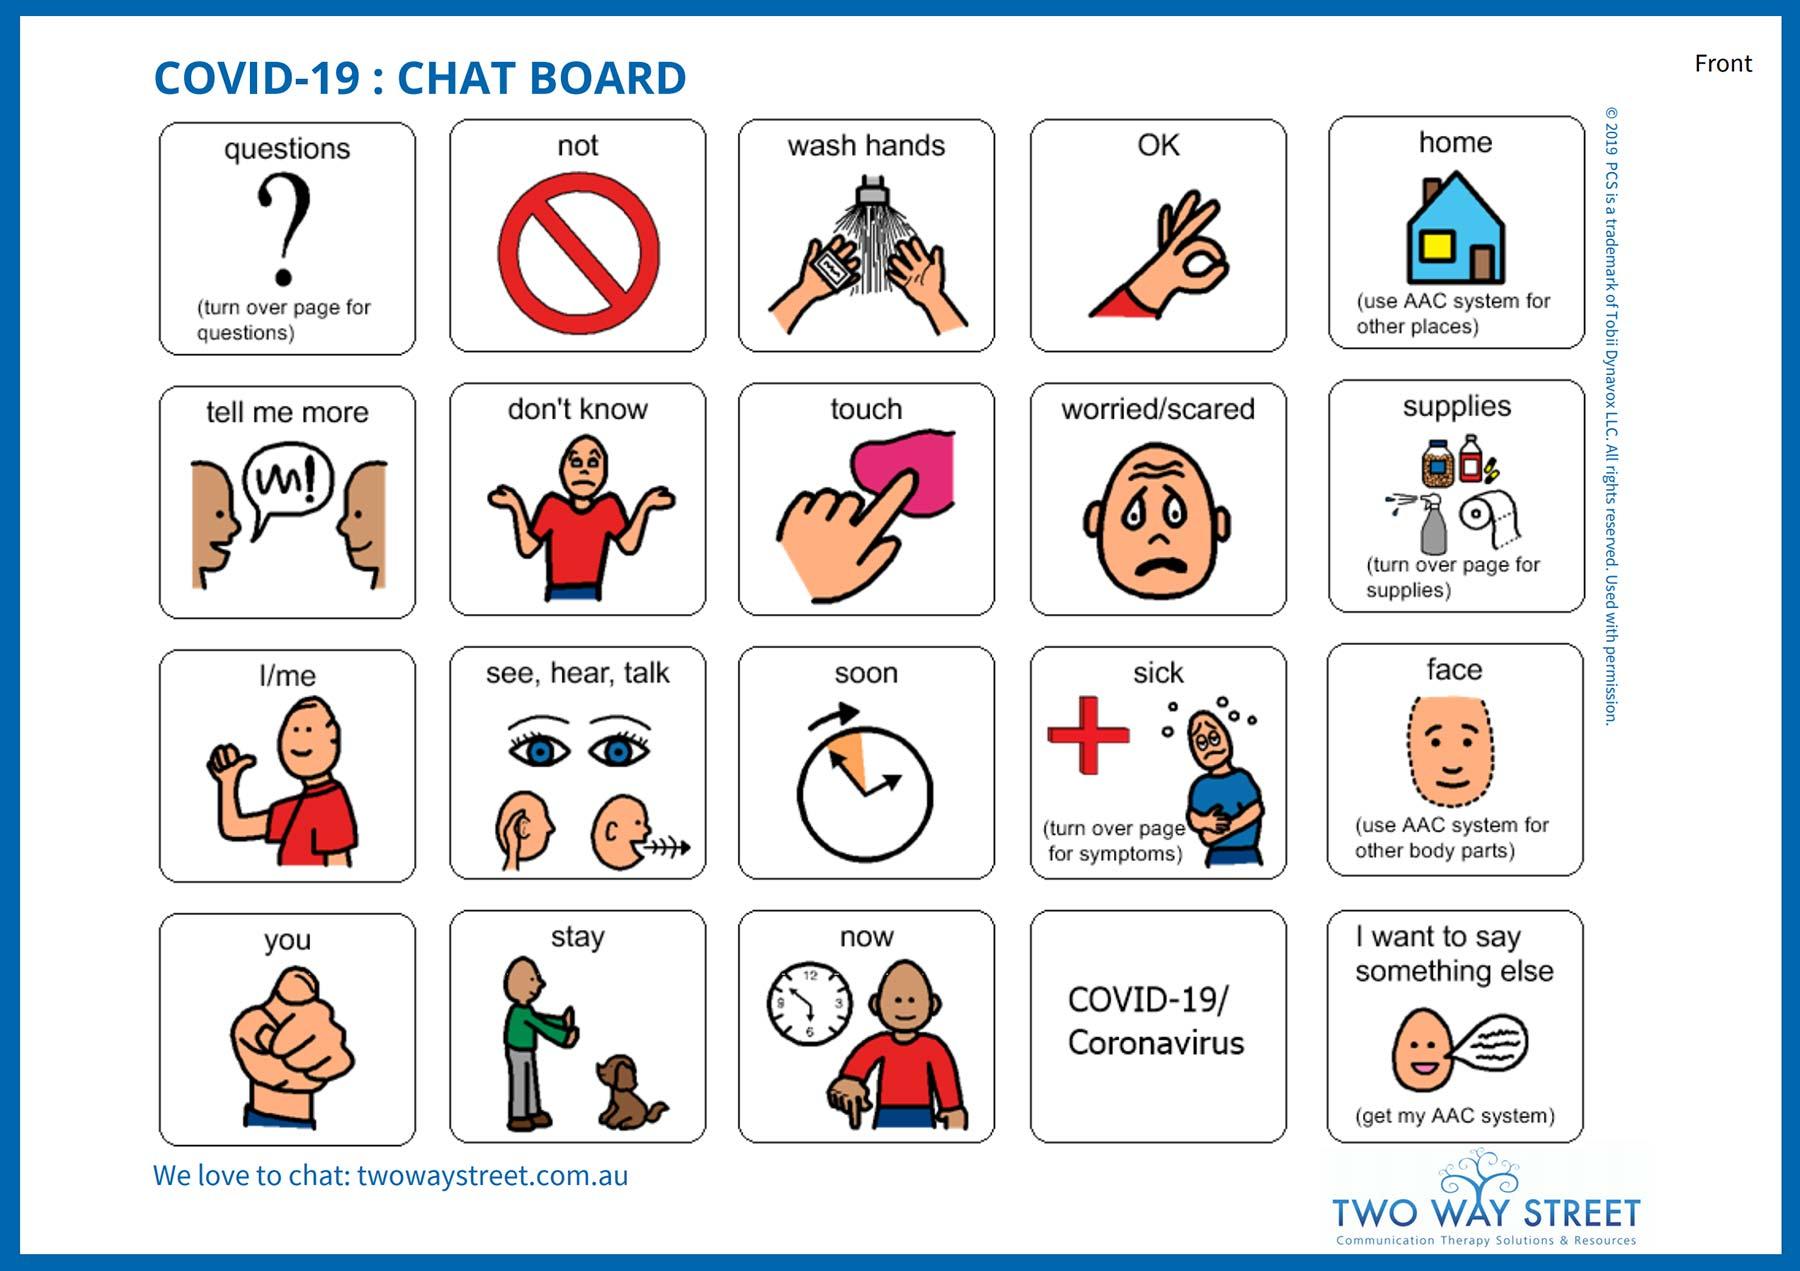 COVID-19 Chatboard cover